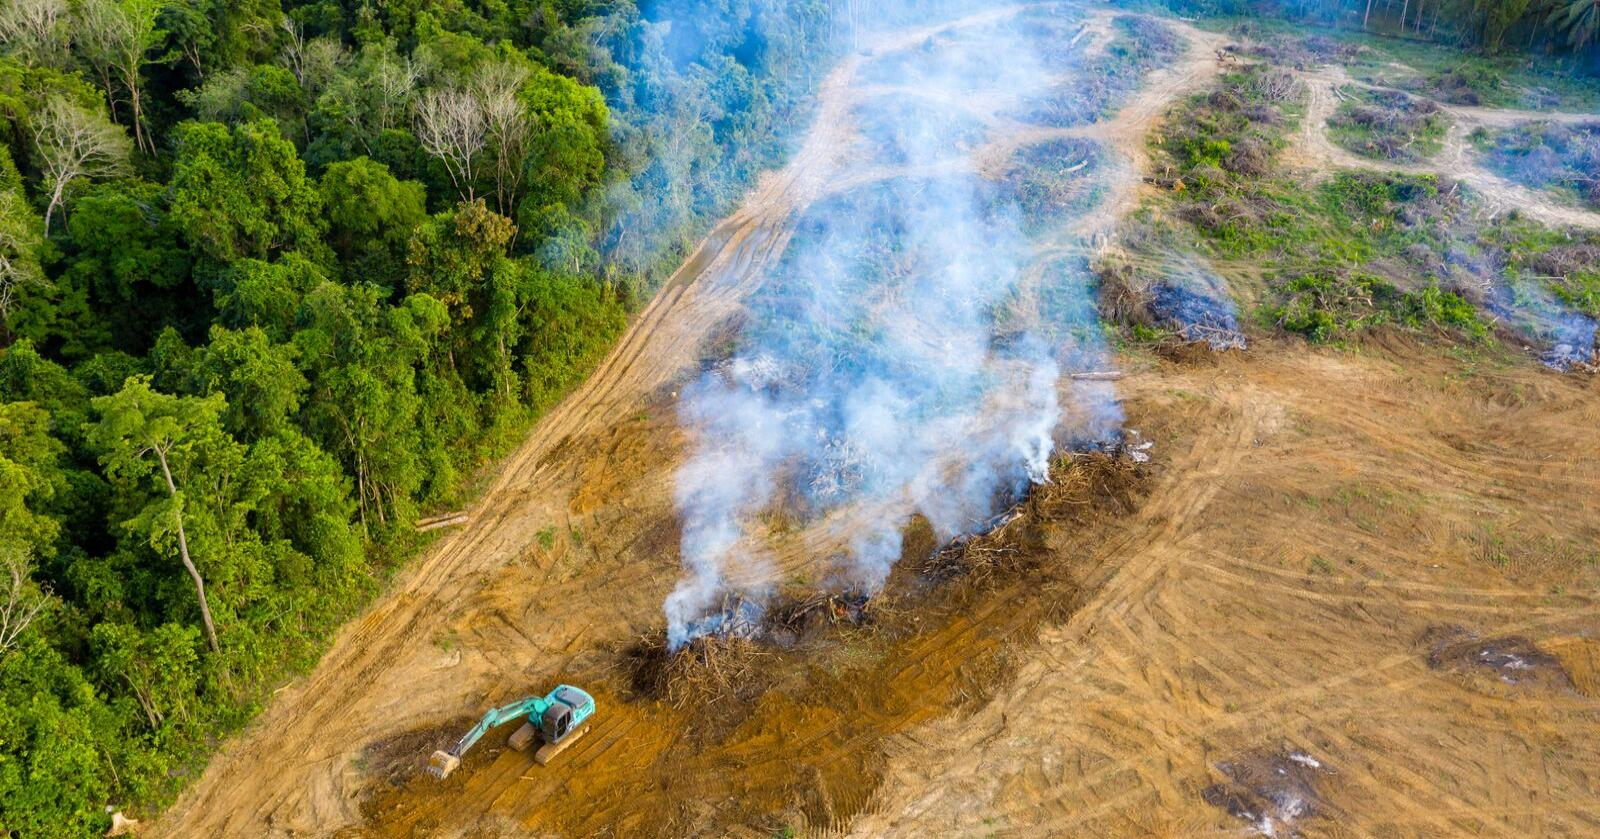 Den danske importen av soya legger ifølge landbrugsavisen.dk beslag på 600 000 hektar jord i Syd-Amerika. Det tilsvarer et område to ganger så stort som Fyns areal. Illustrasjonsfoto: Shutterstock/Richard Whitcombe